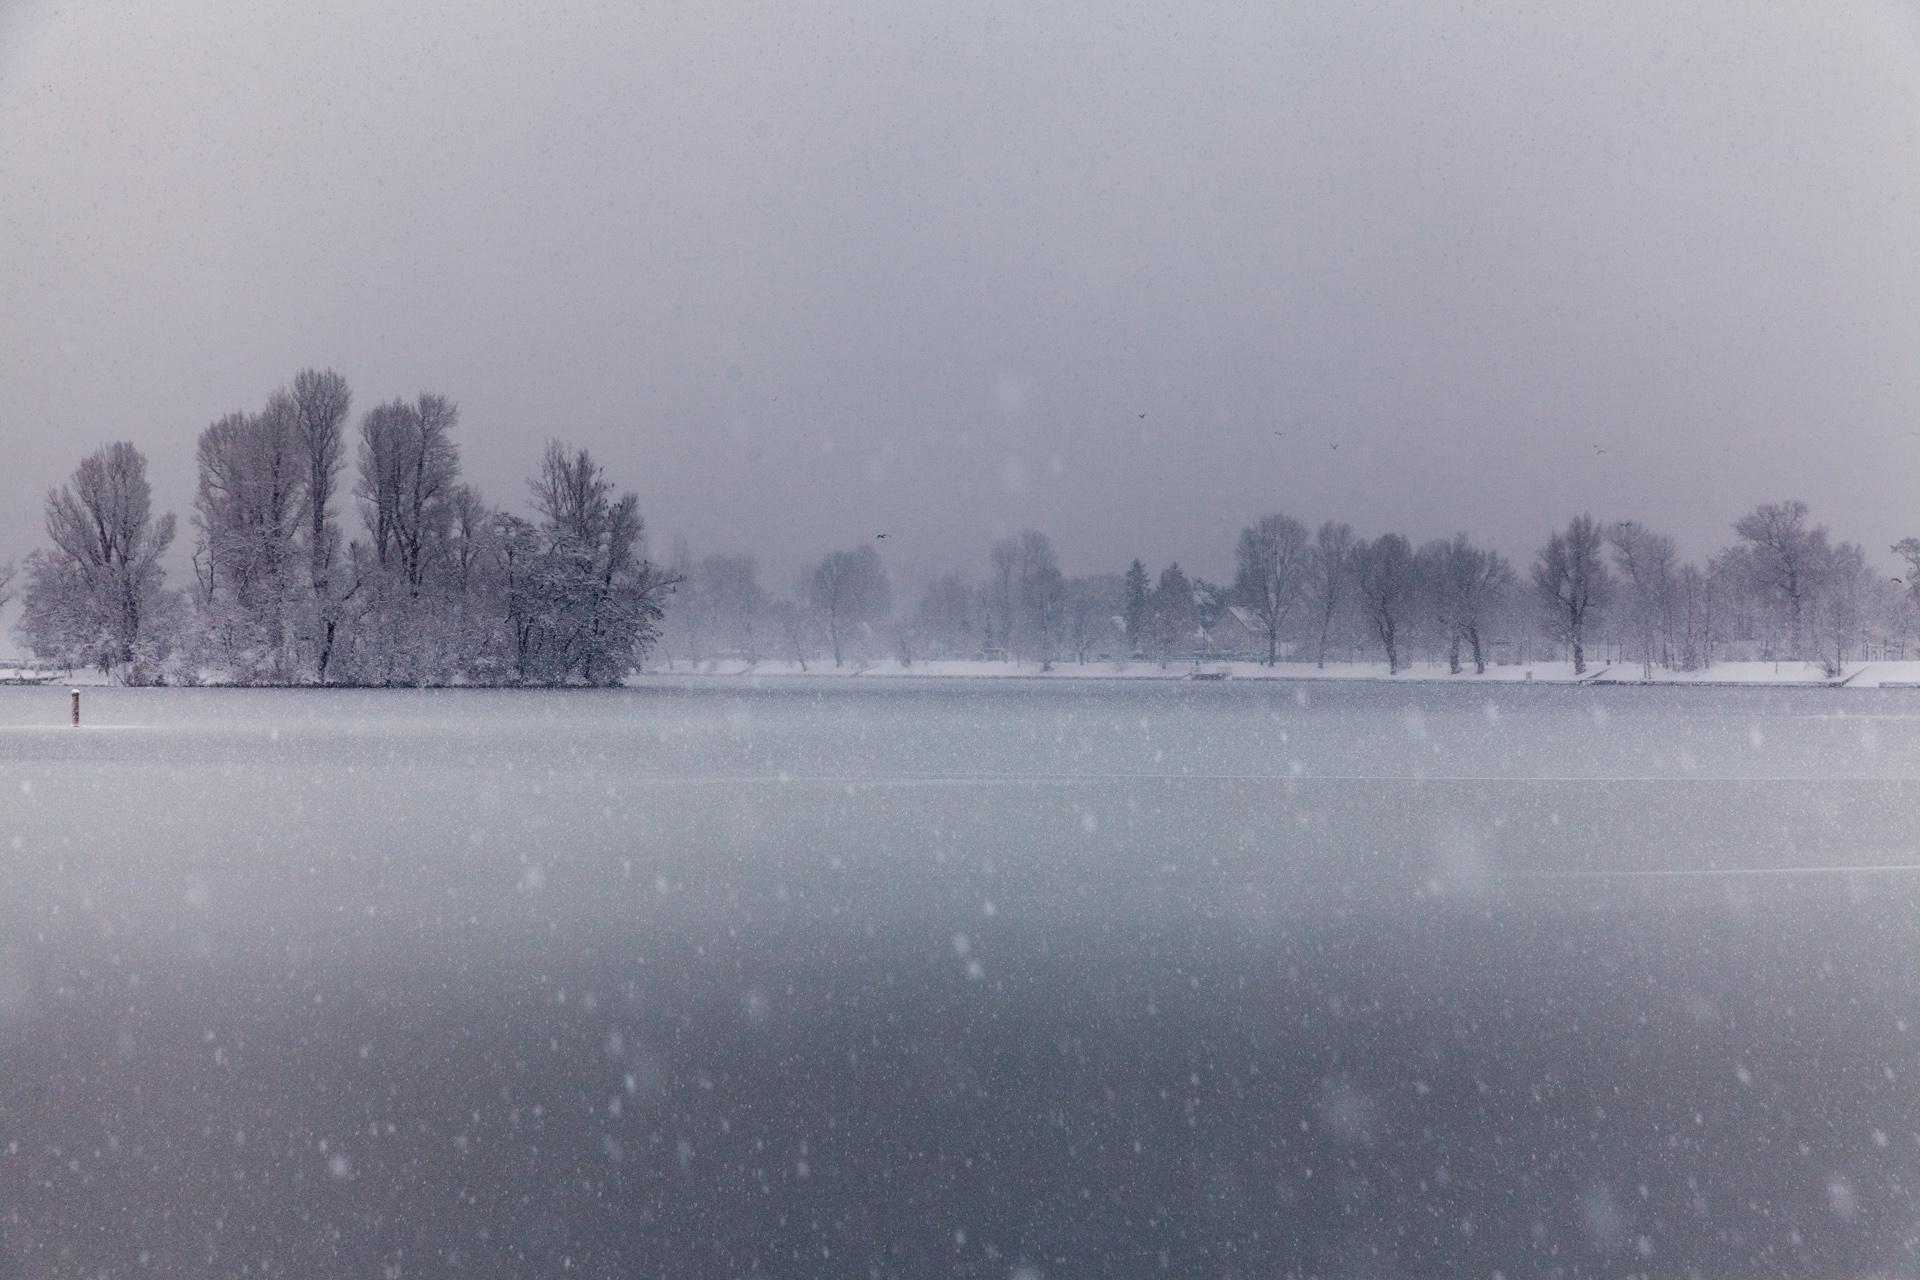 Winter-IMG_5027-Michael Mazohl-1280px